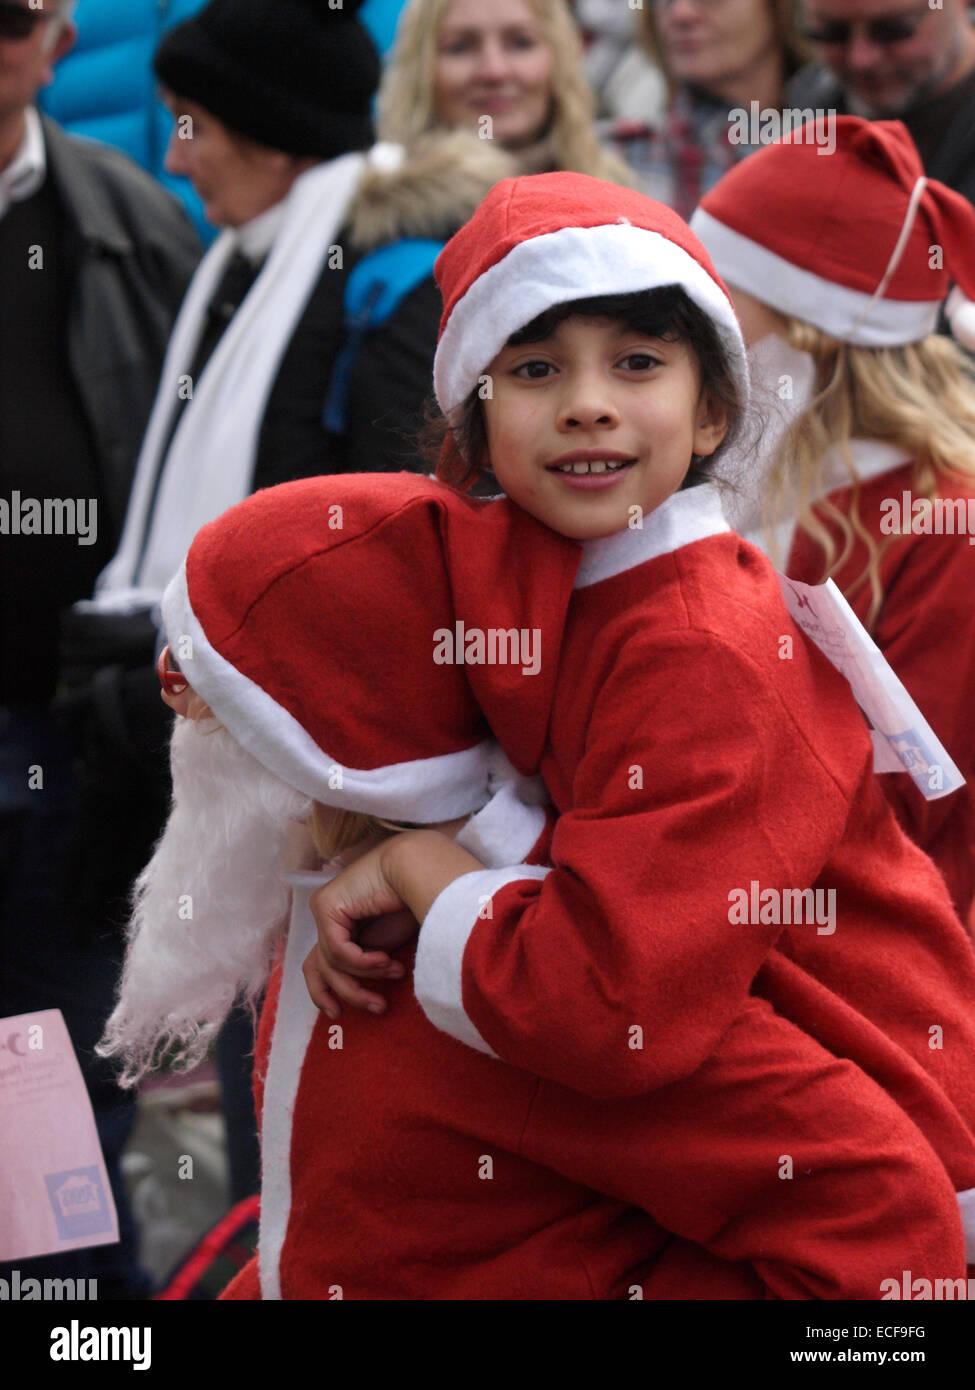 Kind geben Sie Huckepack, ein weiteres Kind, gekleidet in Santa Anzüge für die Charity-Santa run auf dem Stockbild